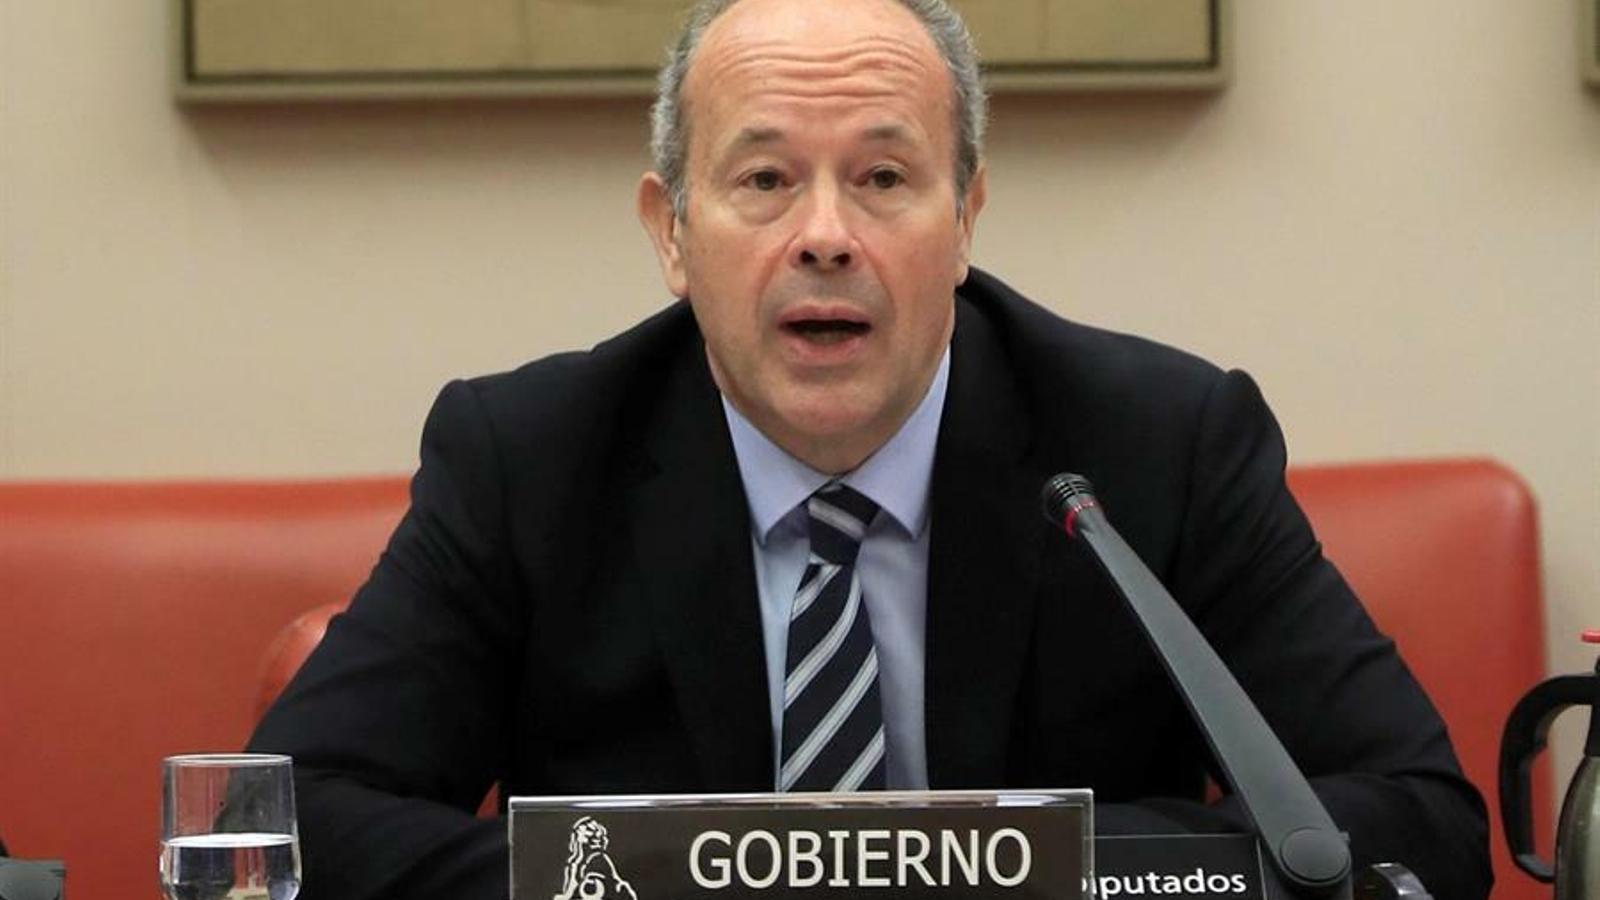 Campo nega que hi hagi un «compromís» amb ERC per reformar el delicte de sedició